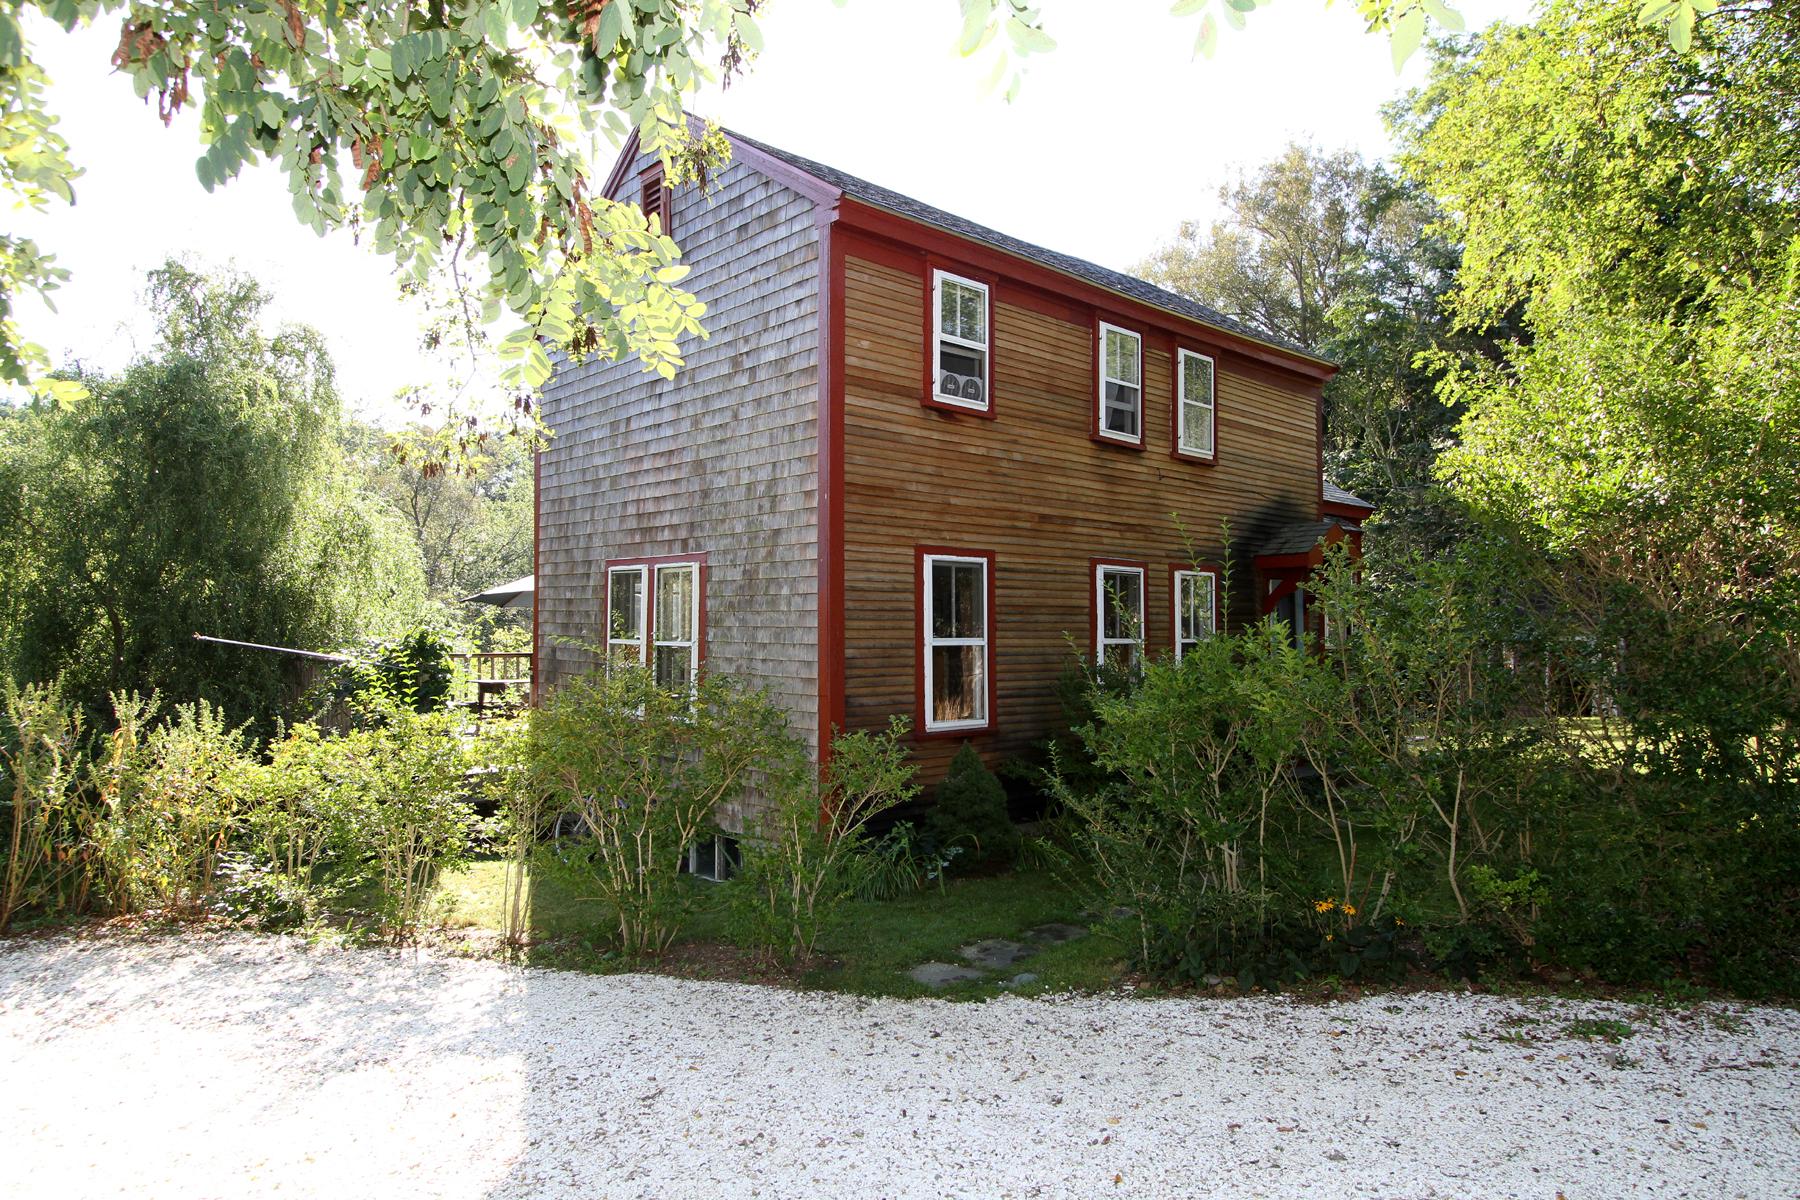 Casa Unifamiliar por un Venta en 180 Briar Lane, Wellfleet, MA Wellfleet, Massachusetts, 02667 Estados Unidos